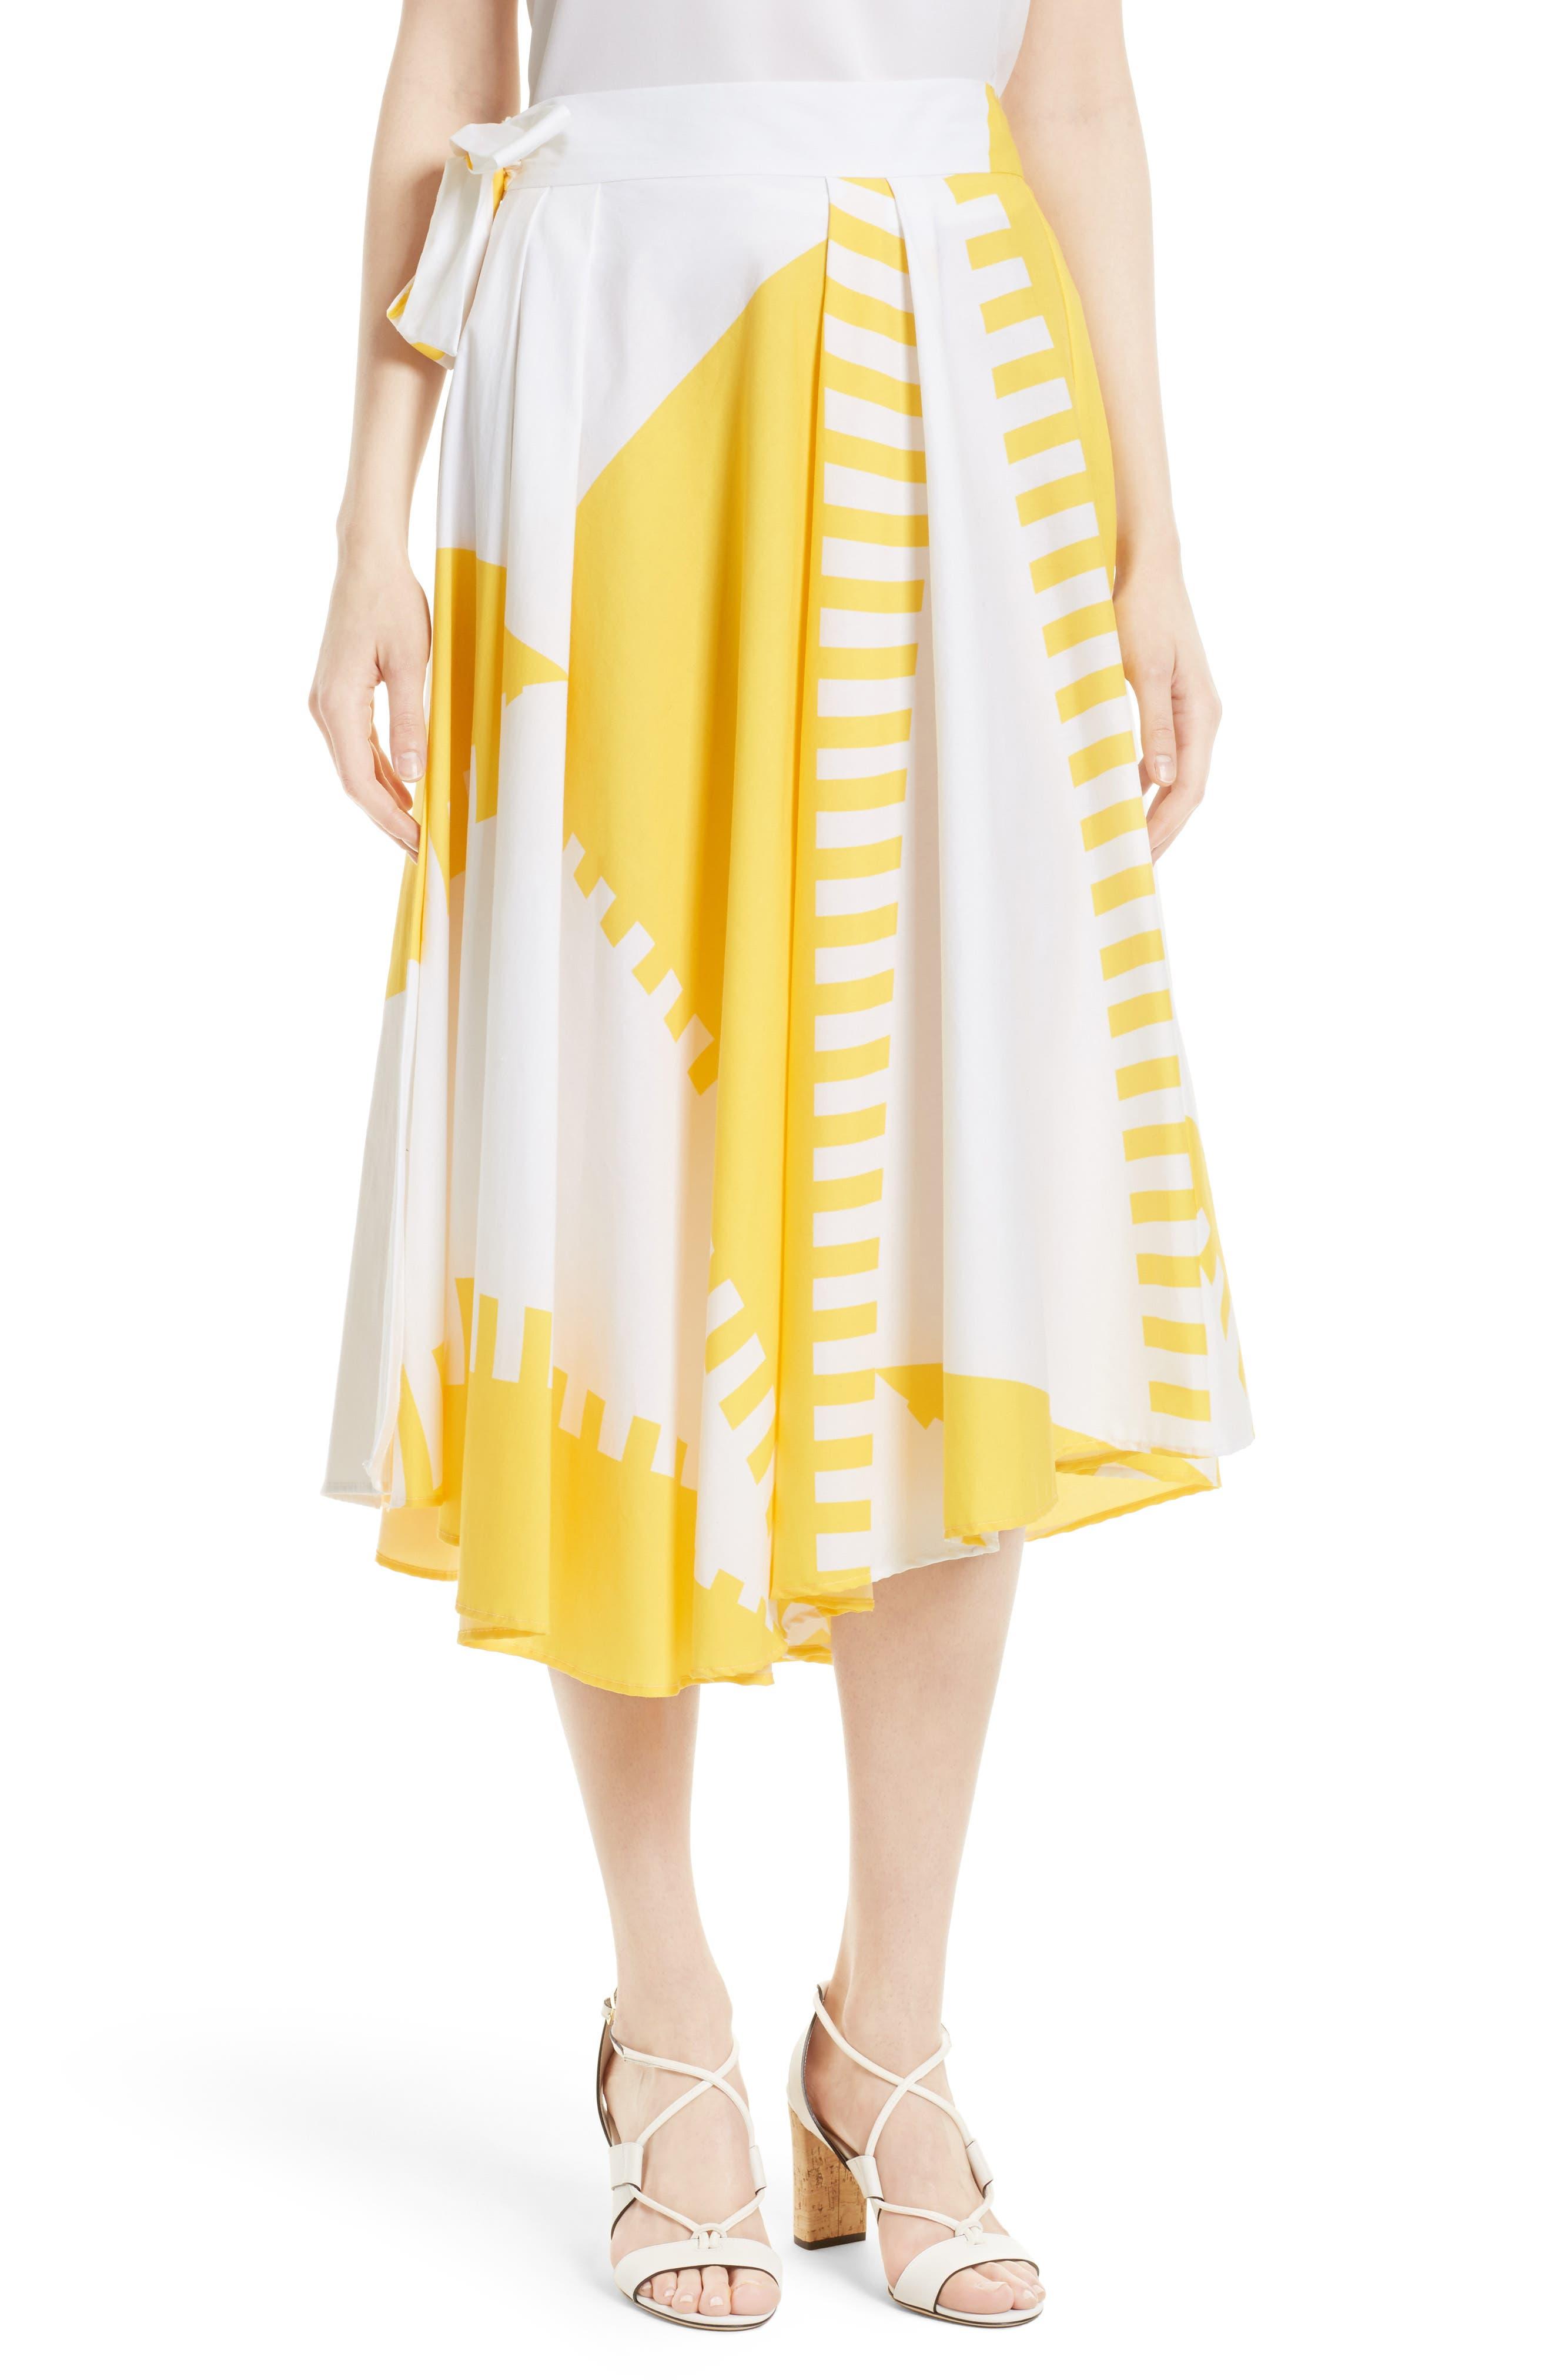 Milly Peyton Wrap Skirt